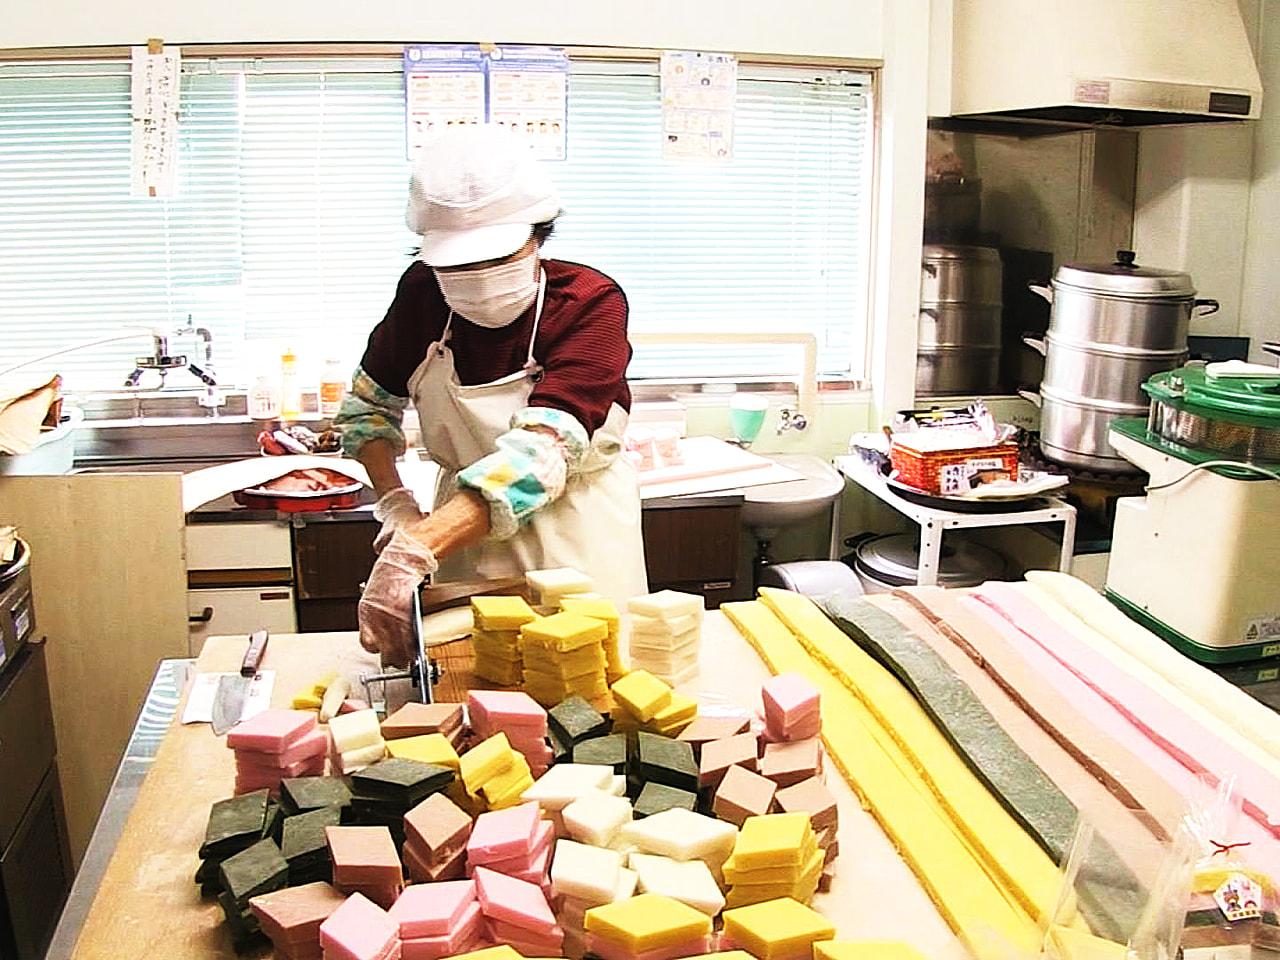 4月3日の飛騨地方のひな祭りに向けて、岐阜県高山市で「5色のひし餅」づくりが行わ...